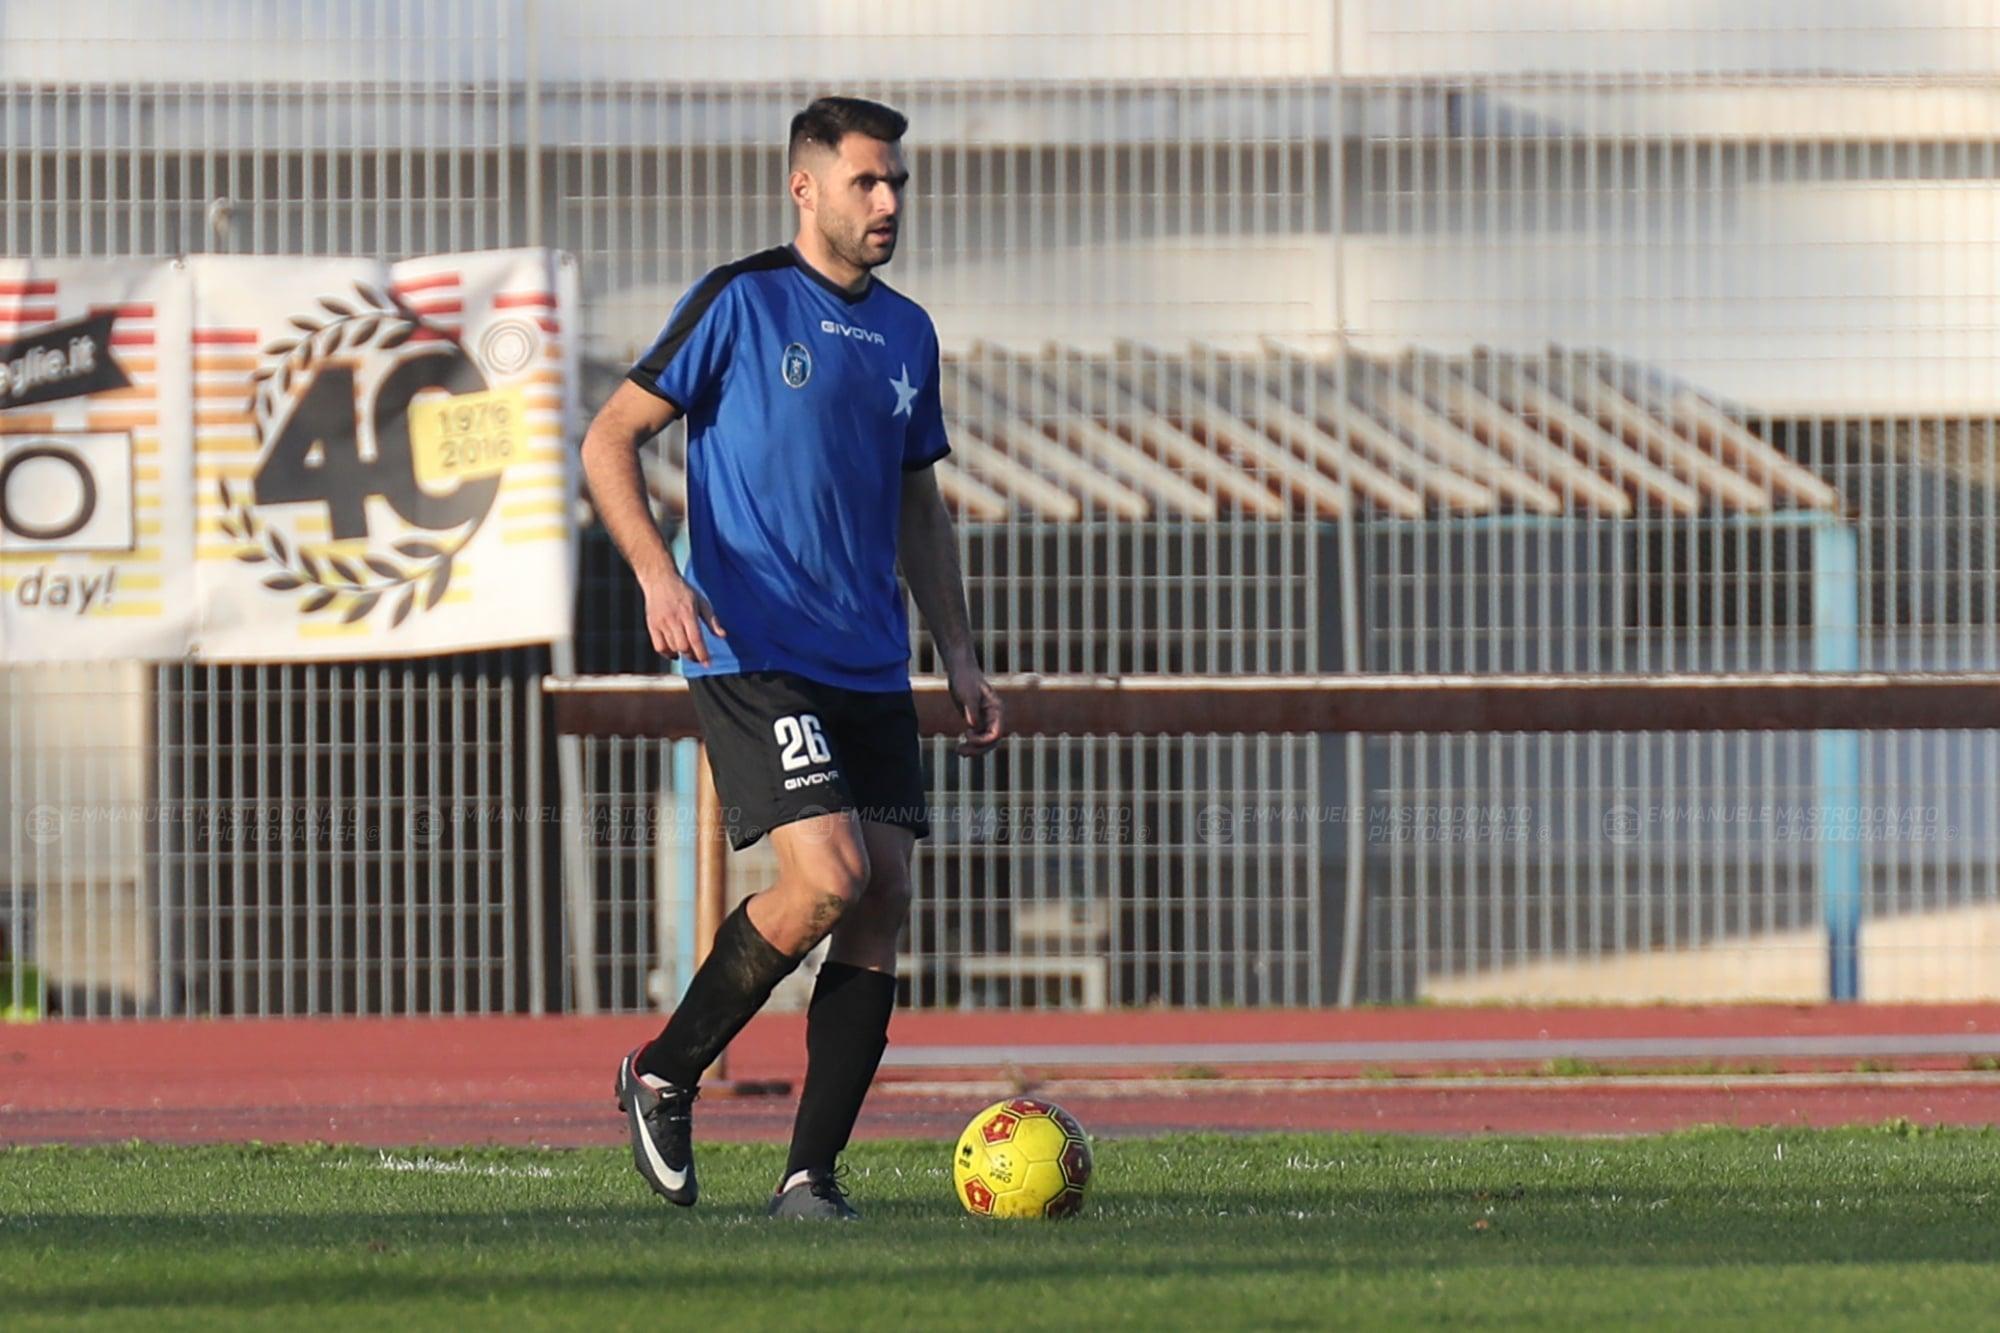 """Bisceglie Calcio, Altobello: """"Partiamo carichi per affrontarli al meglio"""""""